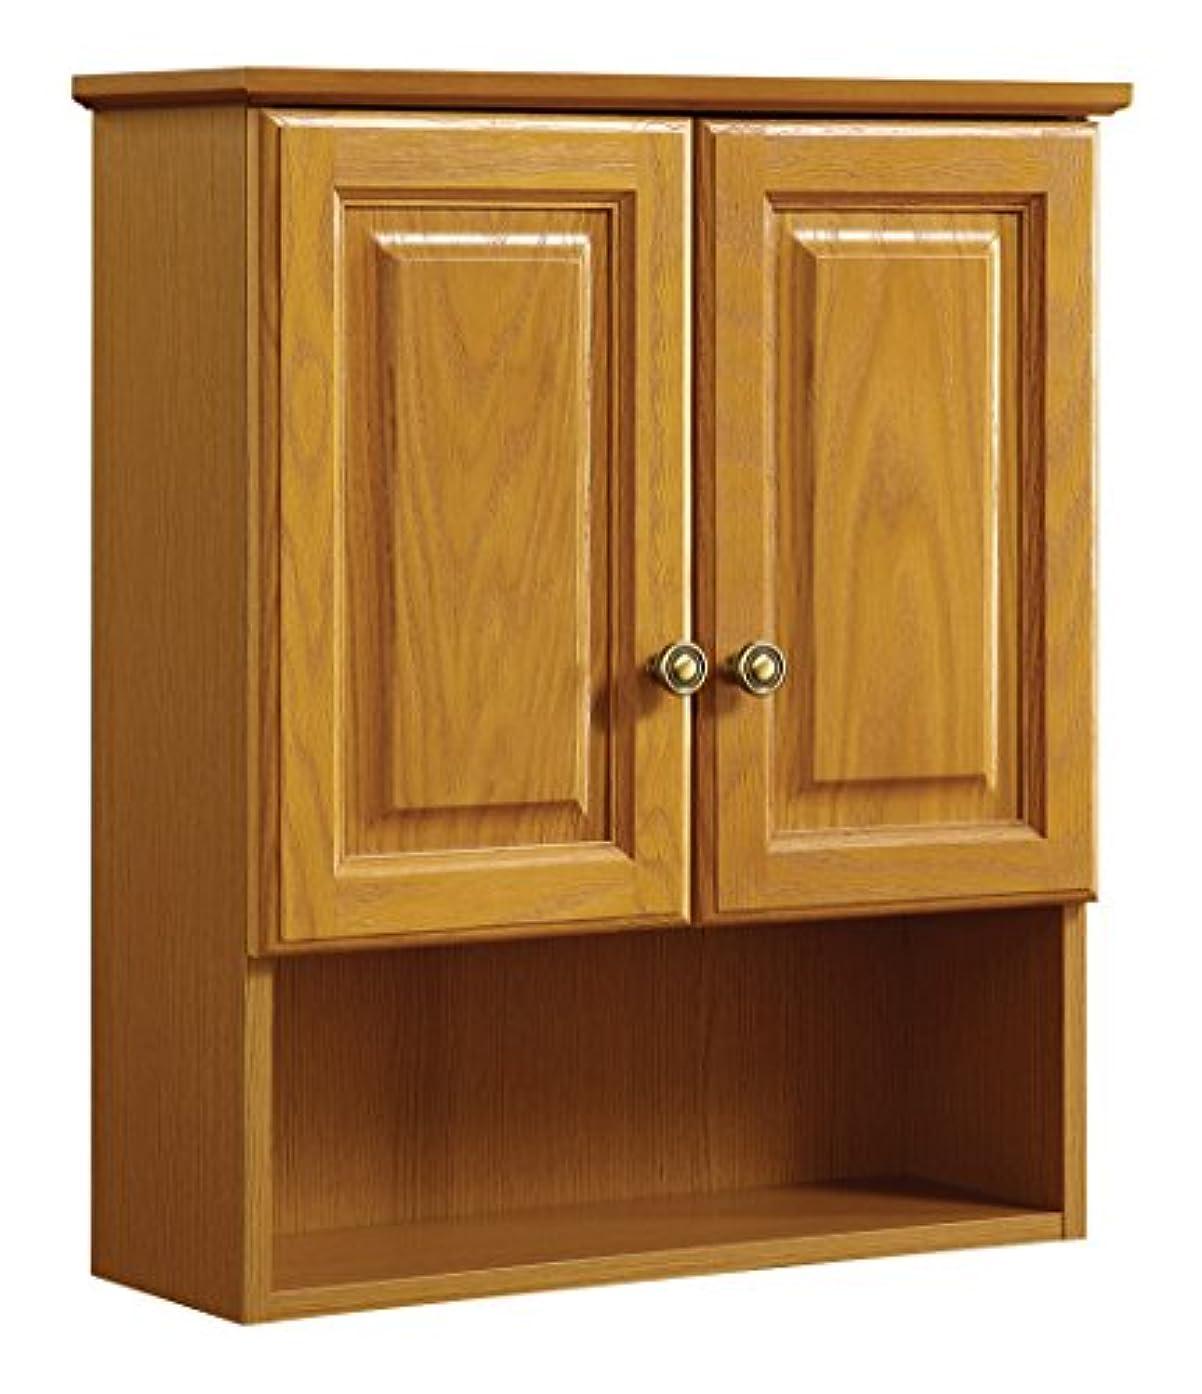 申請者ペレグリネーション排除デザインハウス531962 21-inch by 26-inch Claremont ready-to-assemble 2ドア浴室壁キャビネット、Honey Oak